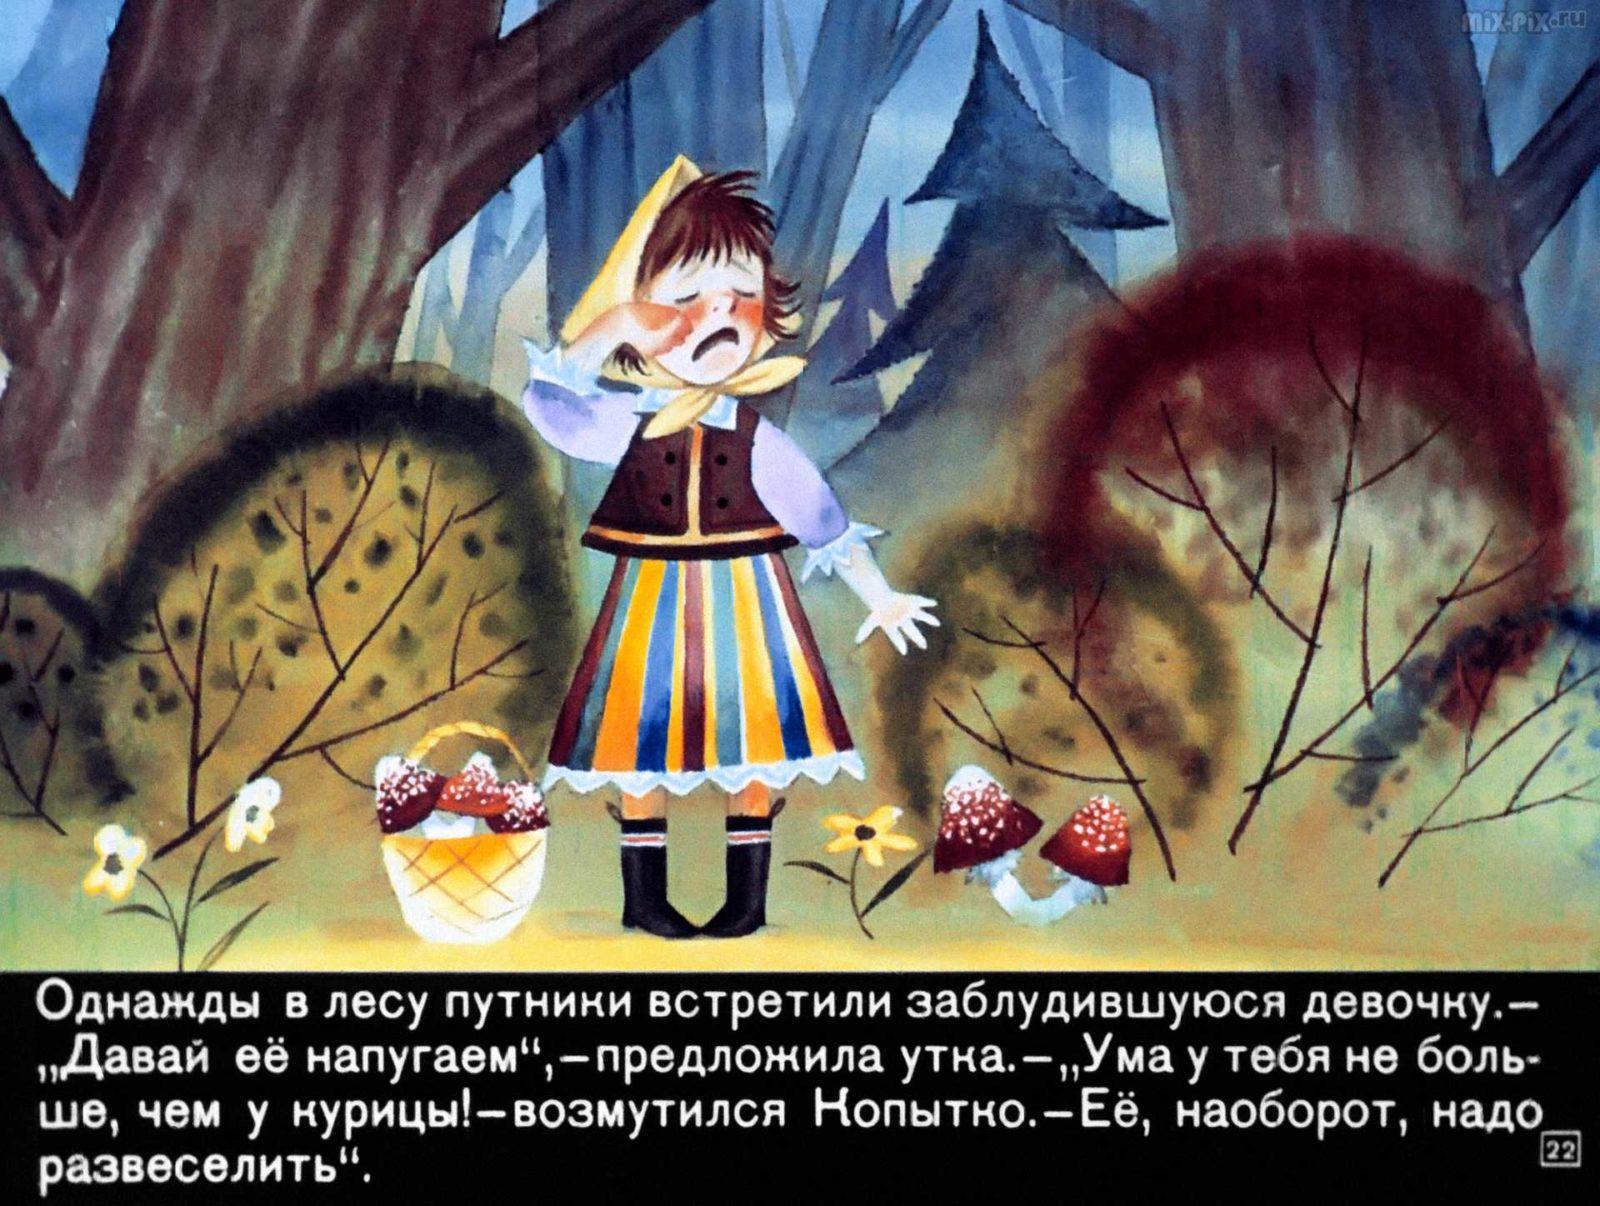 Сапожник Копытко и утка Кря (1972) 32